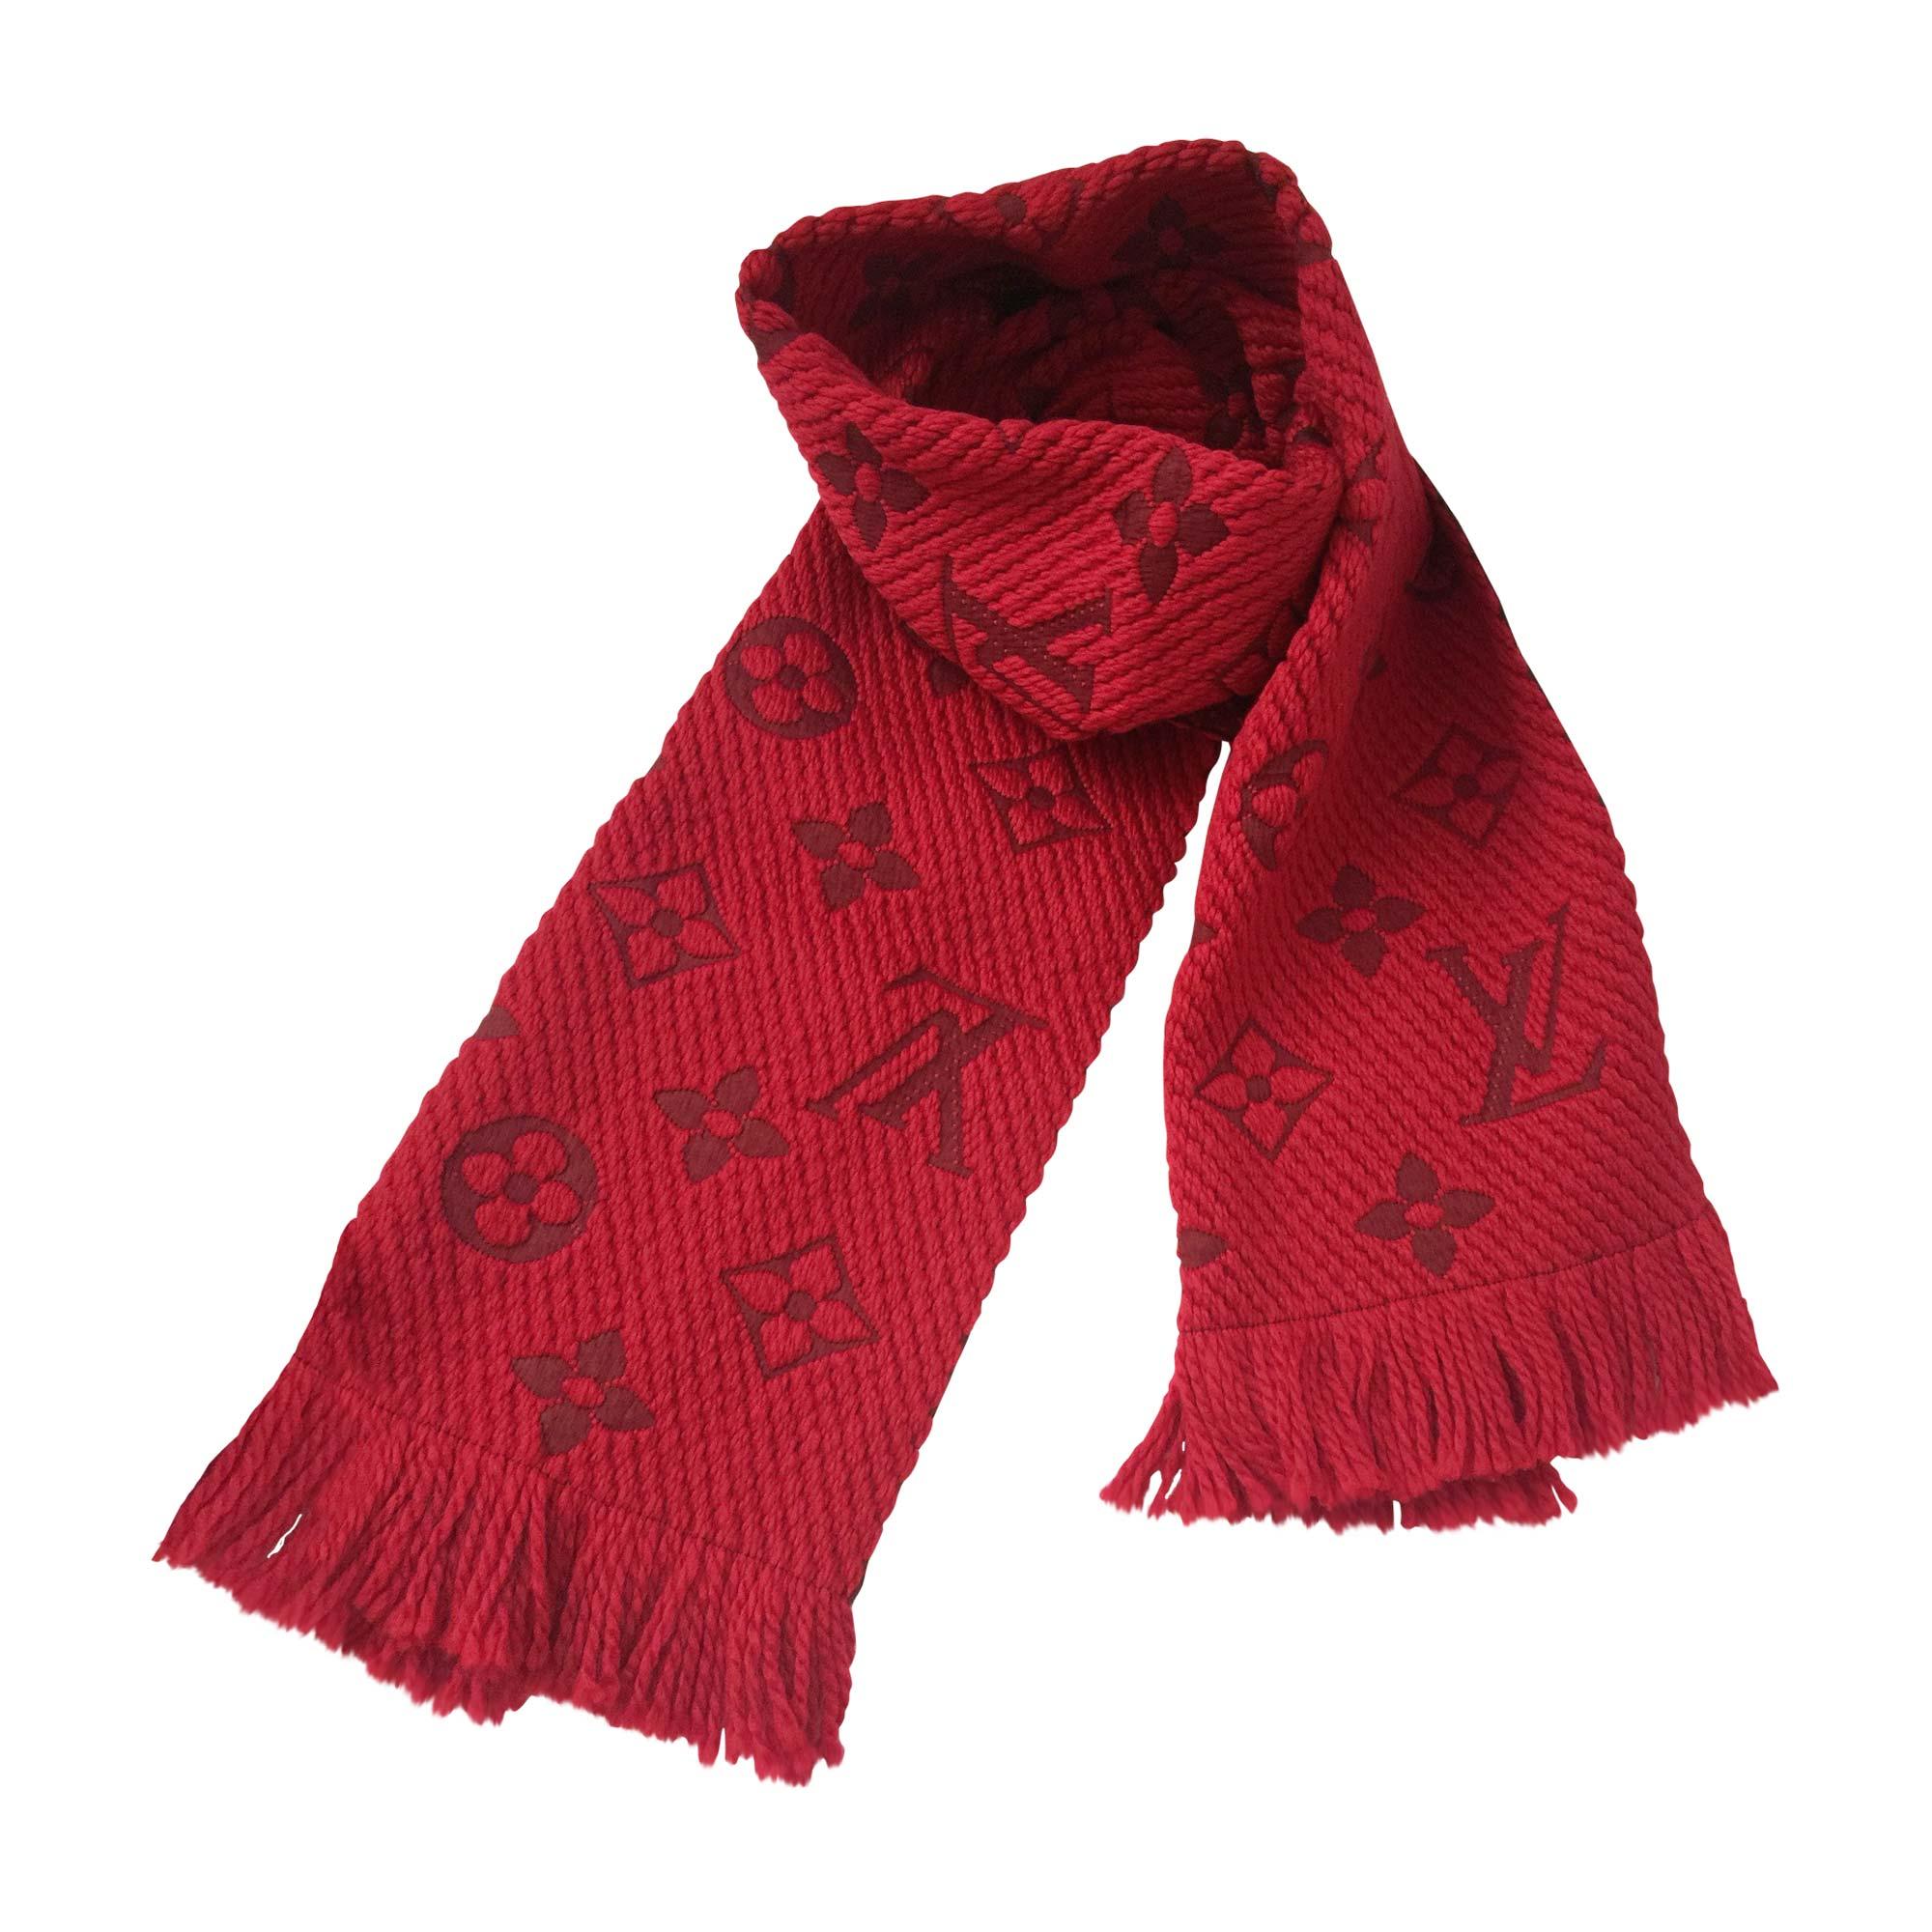 Echarpe LOUIS VUITTON rouge vendu par Sophie27 - 5904468 f3d08090474